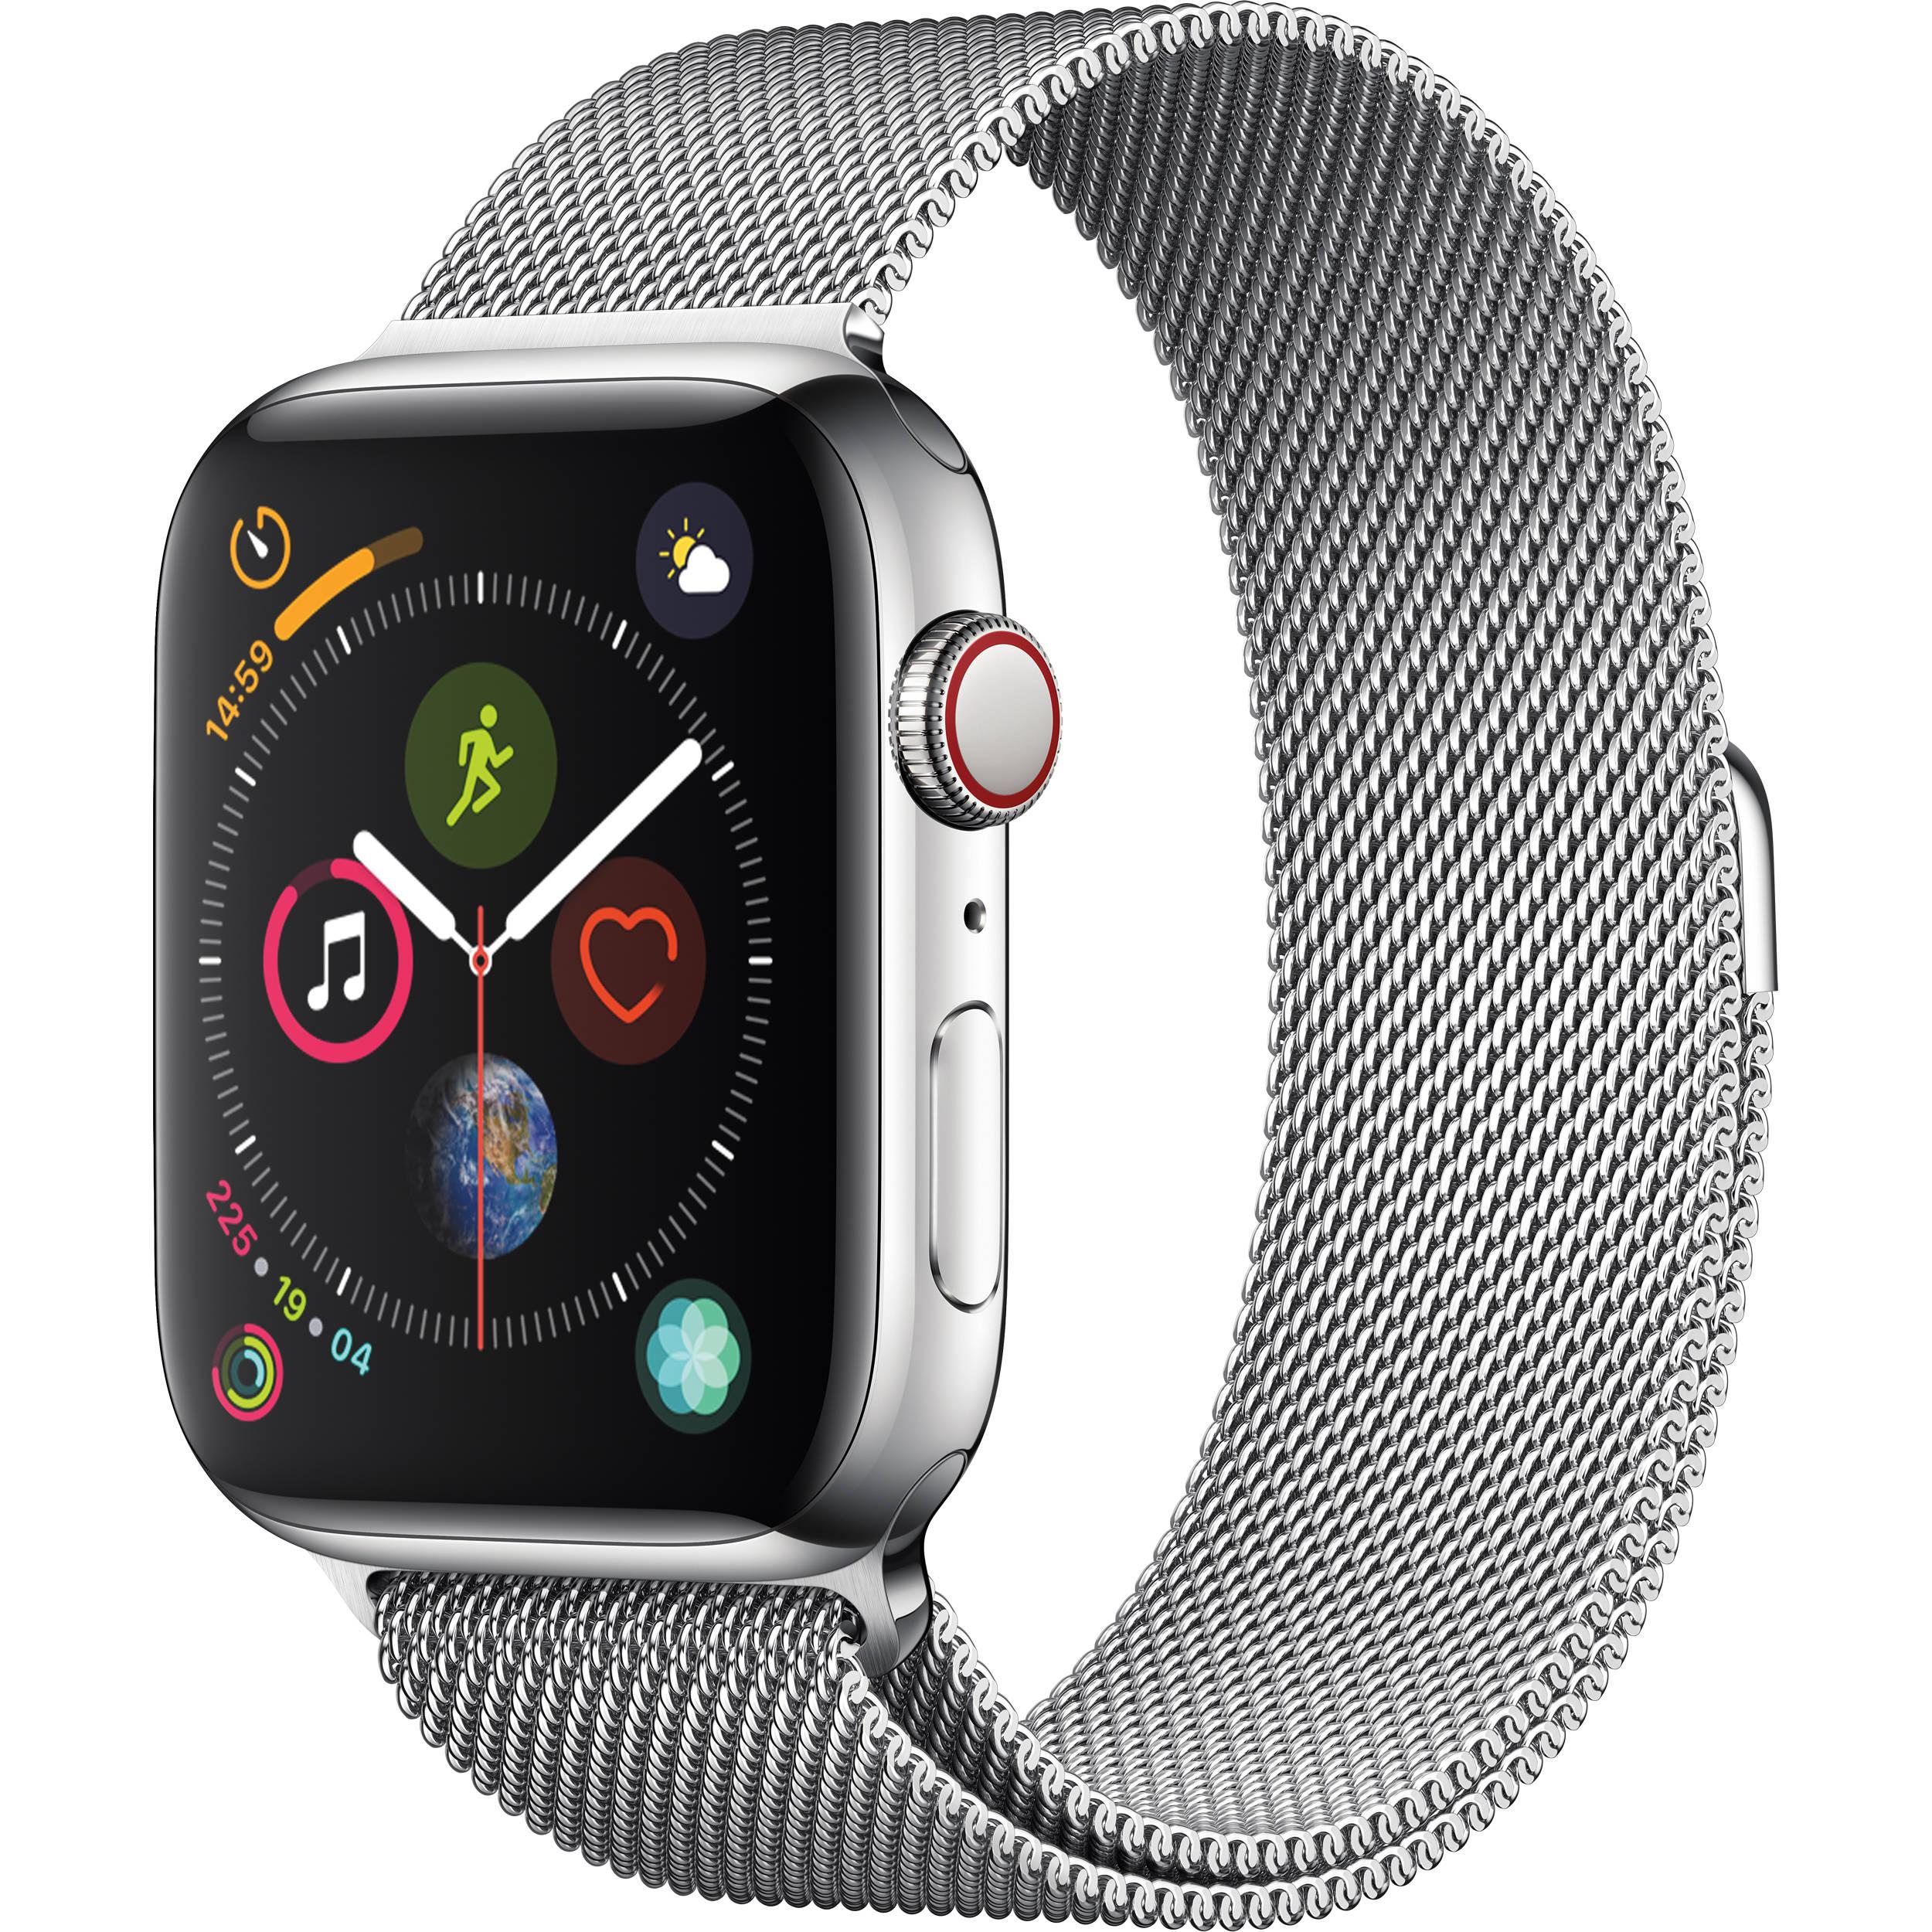 Apple Watch Series 4 GPS Cellular 44mm Stainless Steel Milanese Loop